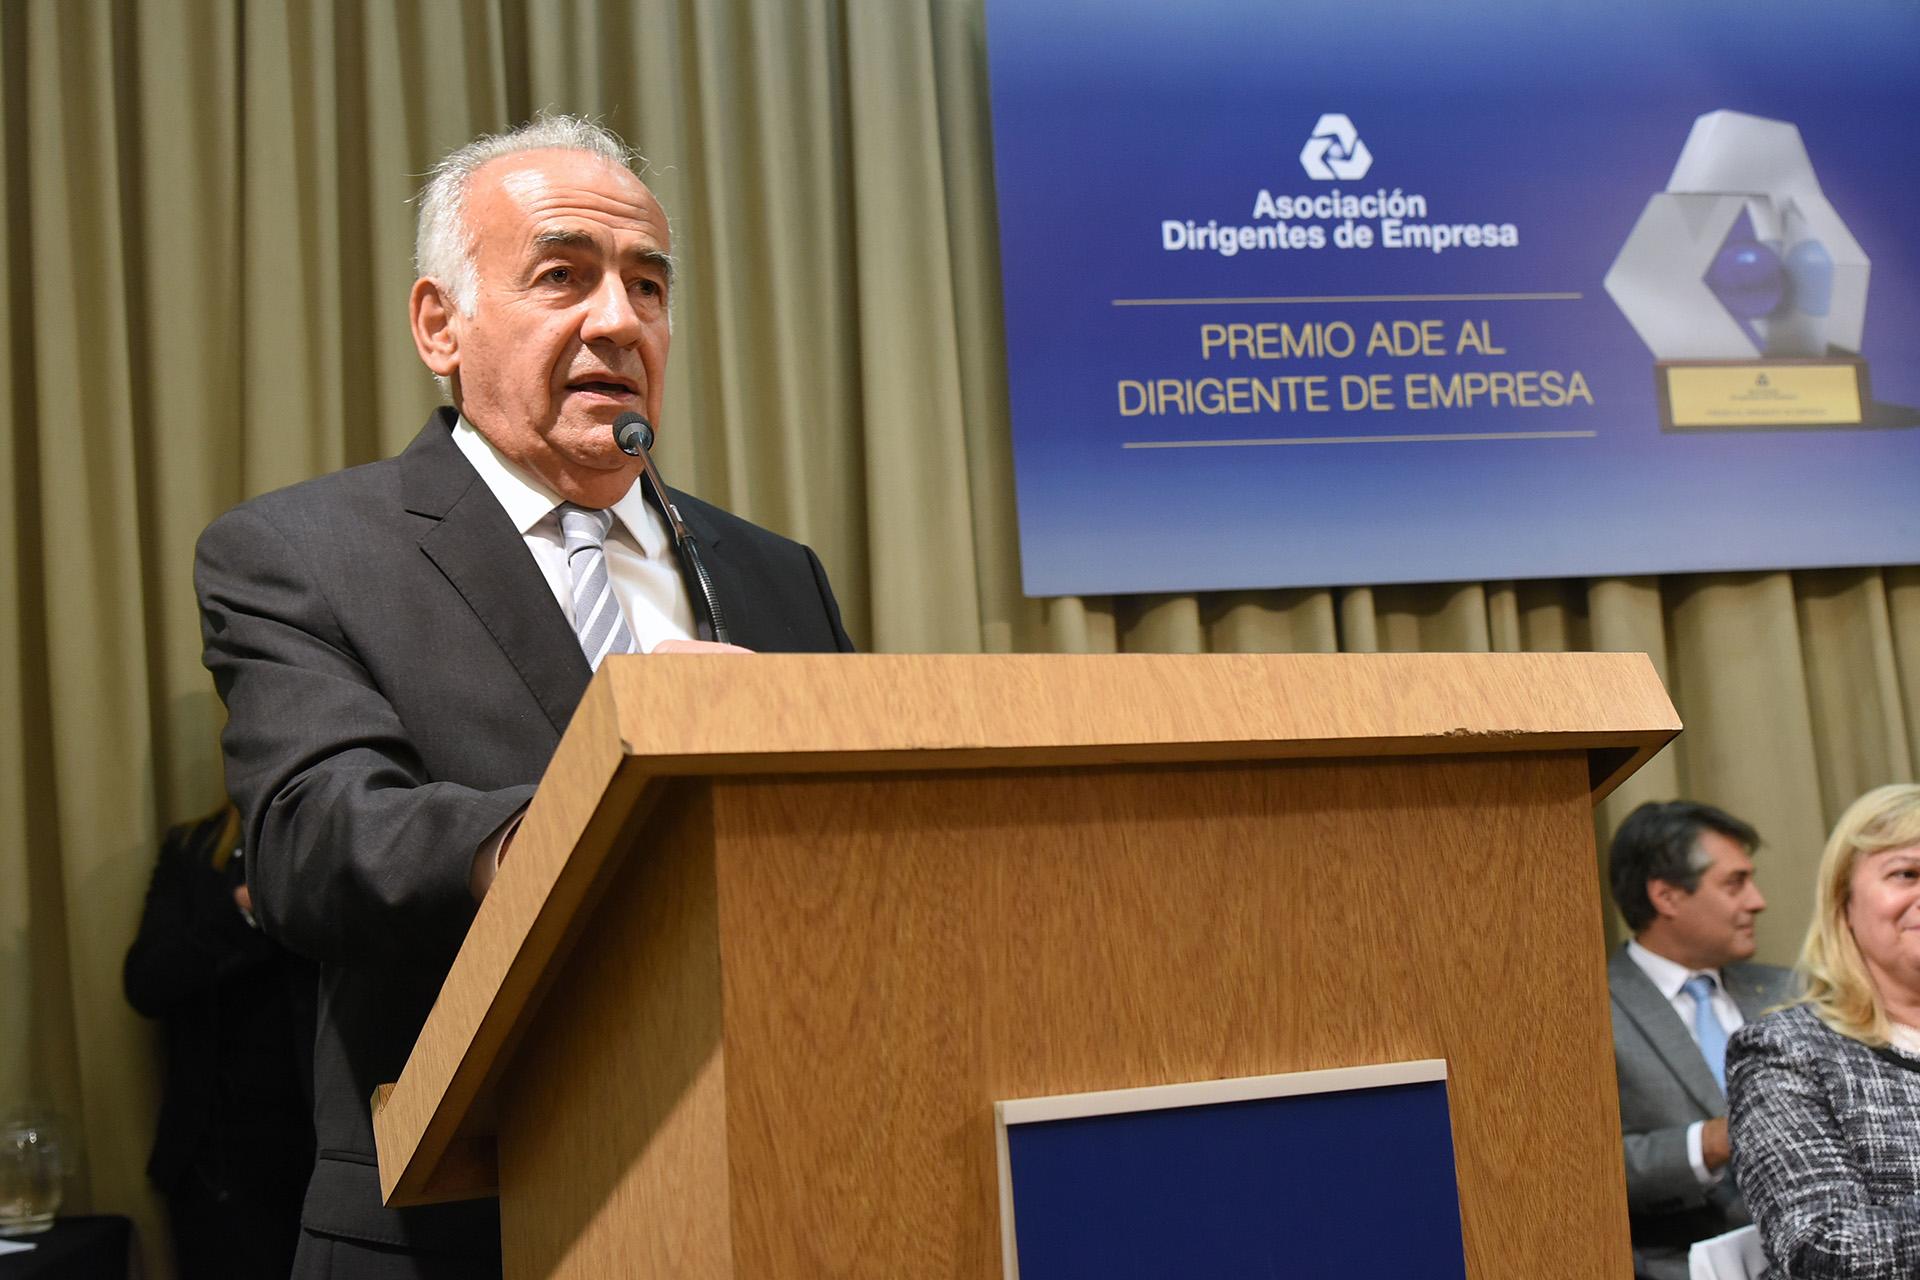 Antonio Assefh, presidente de la Asociación Dirigentes de Empresa (ADE), durante su discurso en la entrega de premios. ADE distinguió a aquellos dirigentes que se destacaron por su continua labor, para lograr la excelencia y liderazgo de sus organizaciones